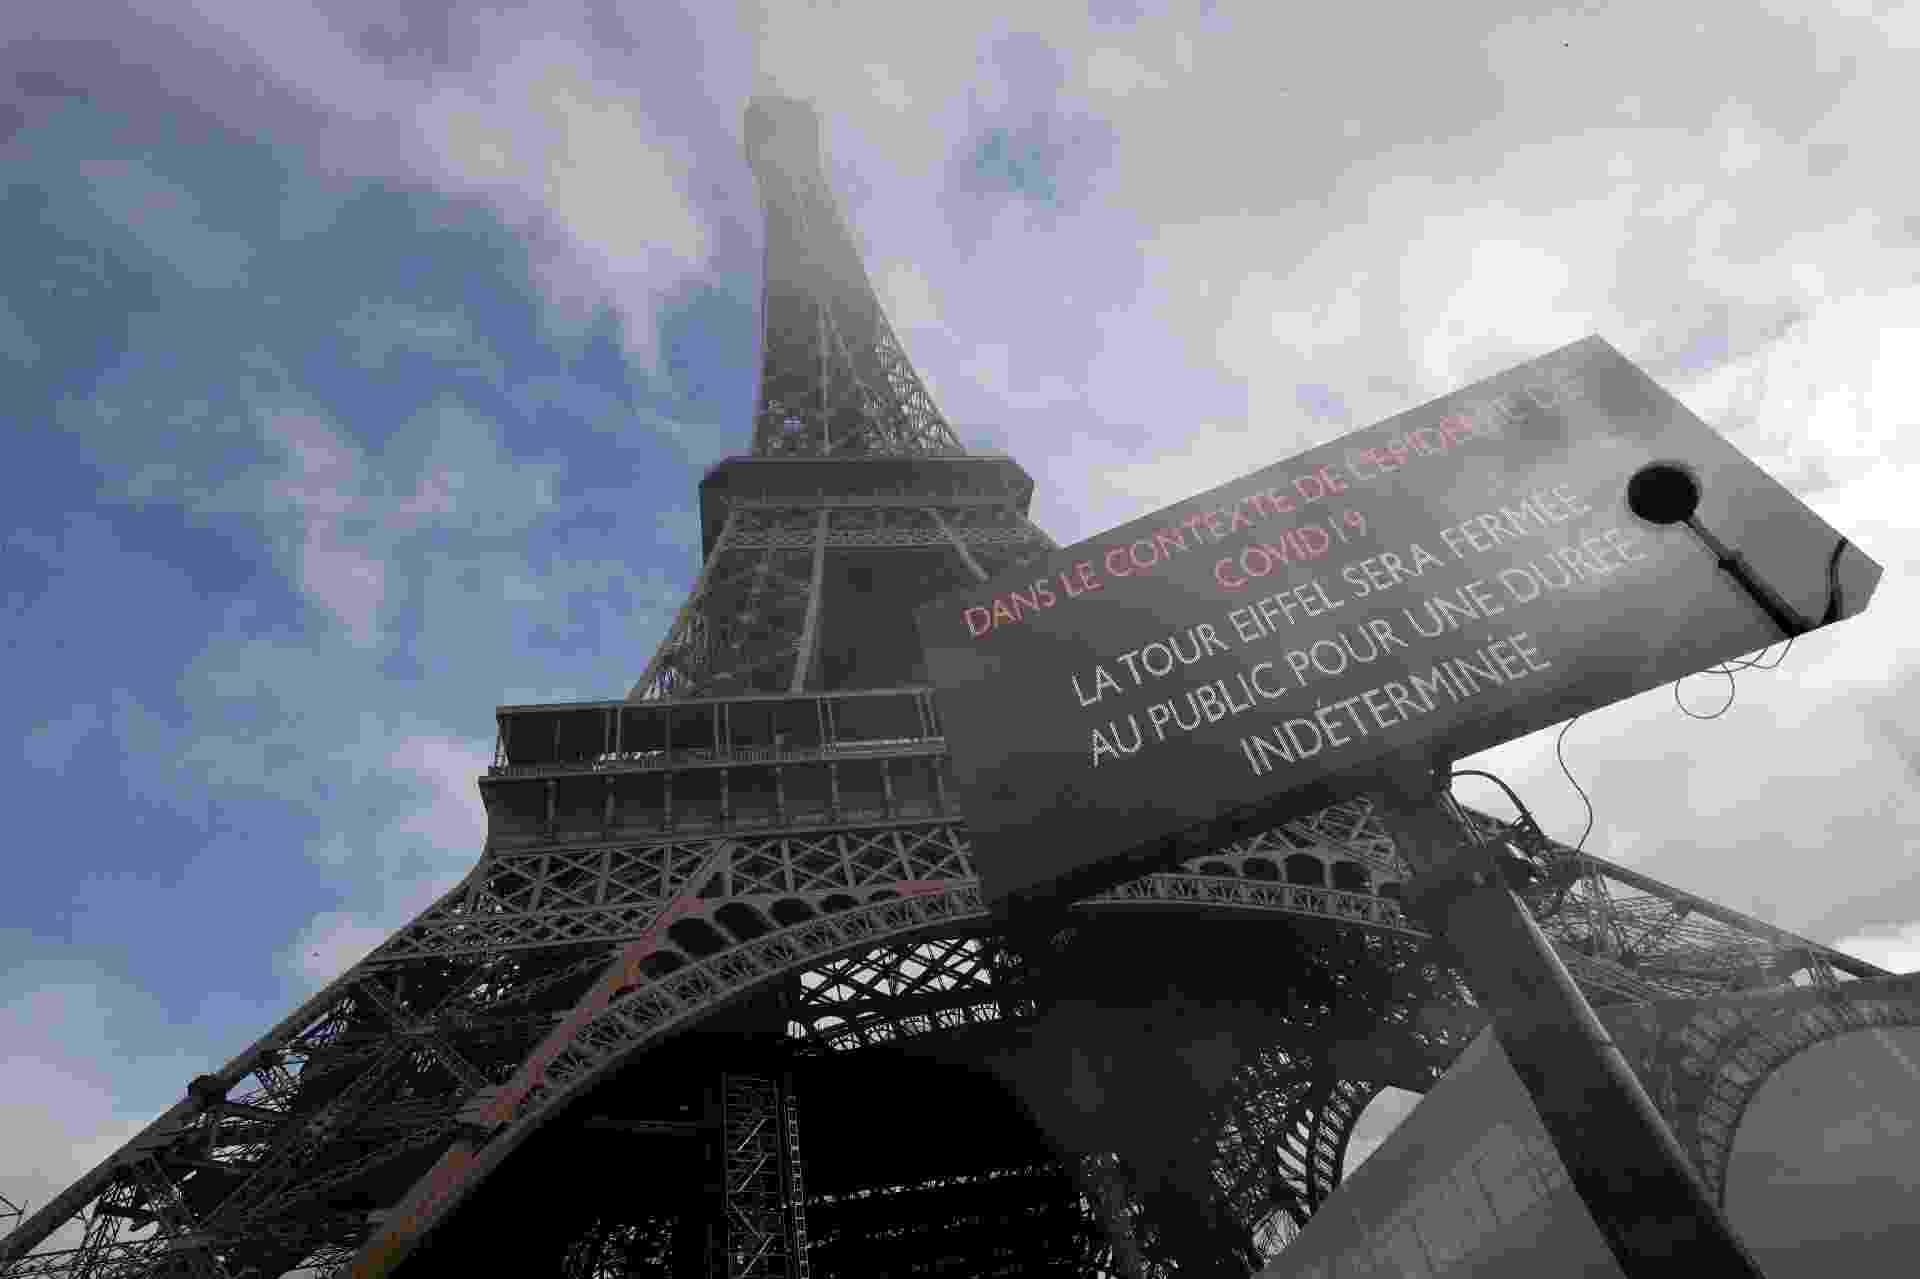 Imagem mostra placa em frente à torre Eiffel, um dos cartões-postais de Paris (França), alertando que visitas proibidas como medida de cautela em relação ao coronavírus - Thomas Samson/AFP